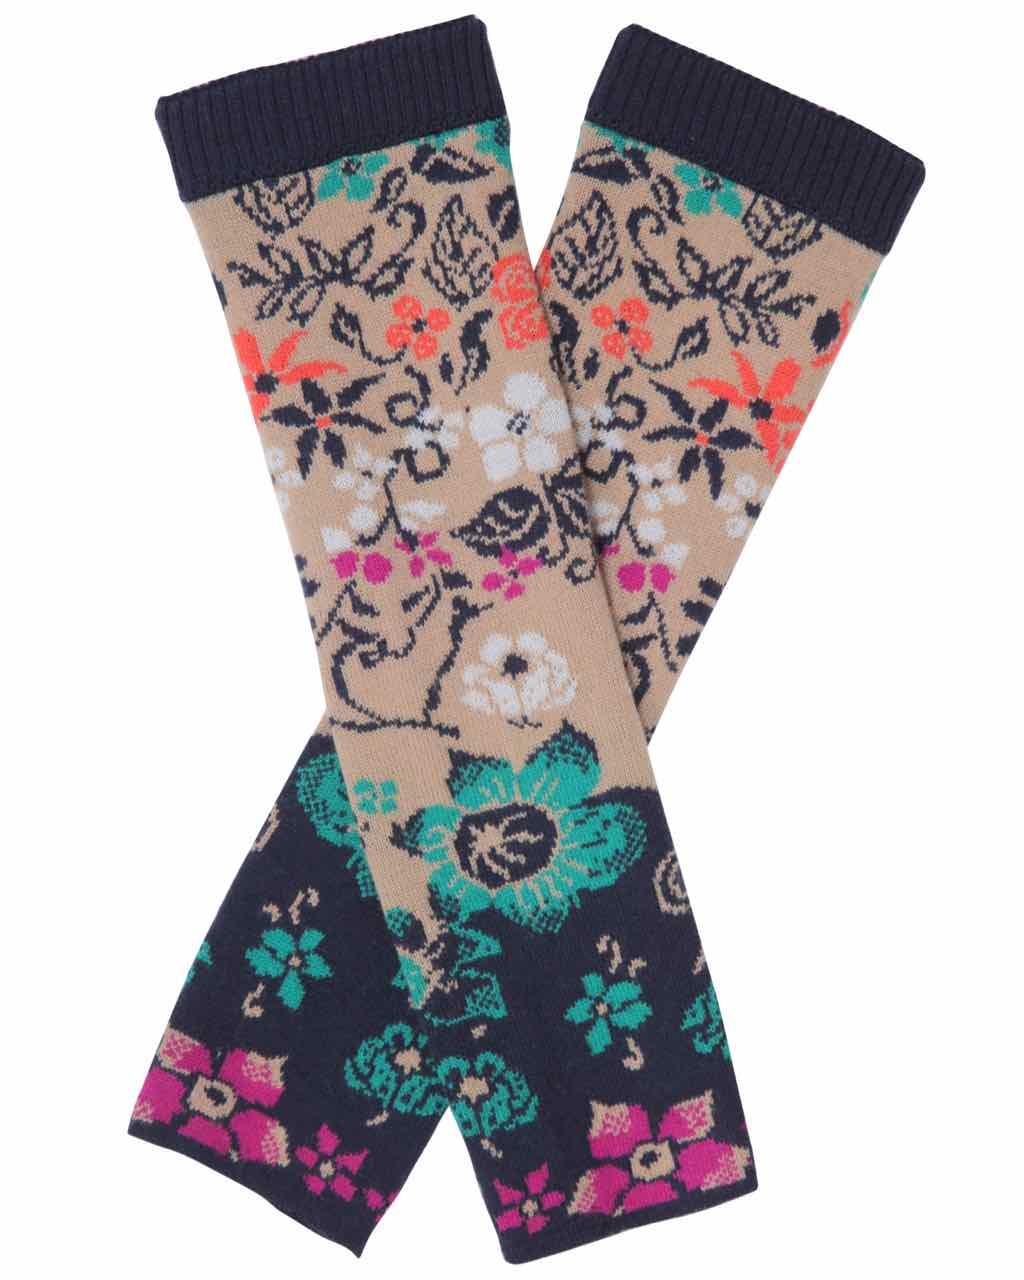 Ivko Pullwarmers Floral Print 72557 039 Buy Online